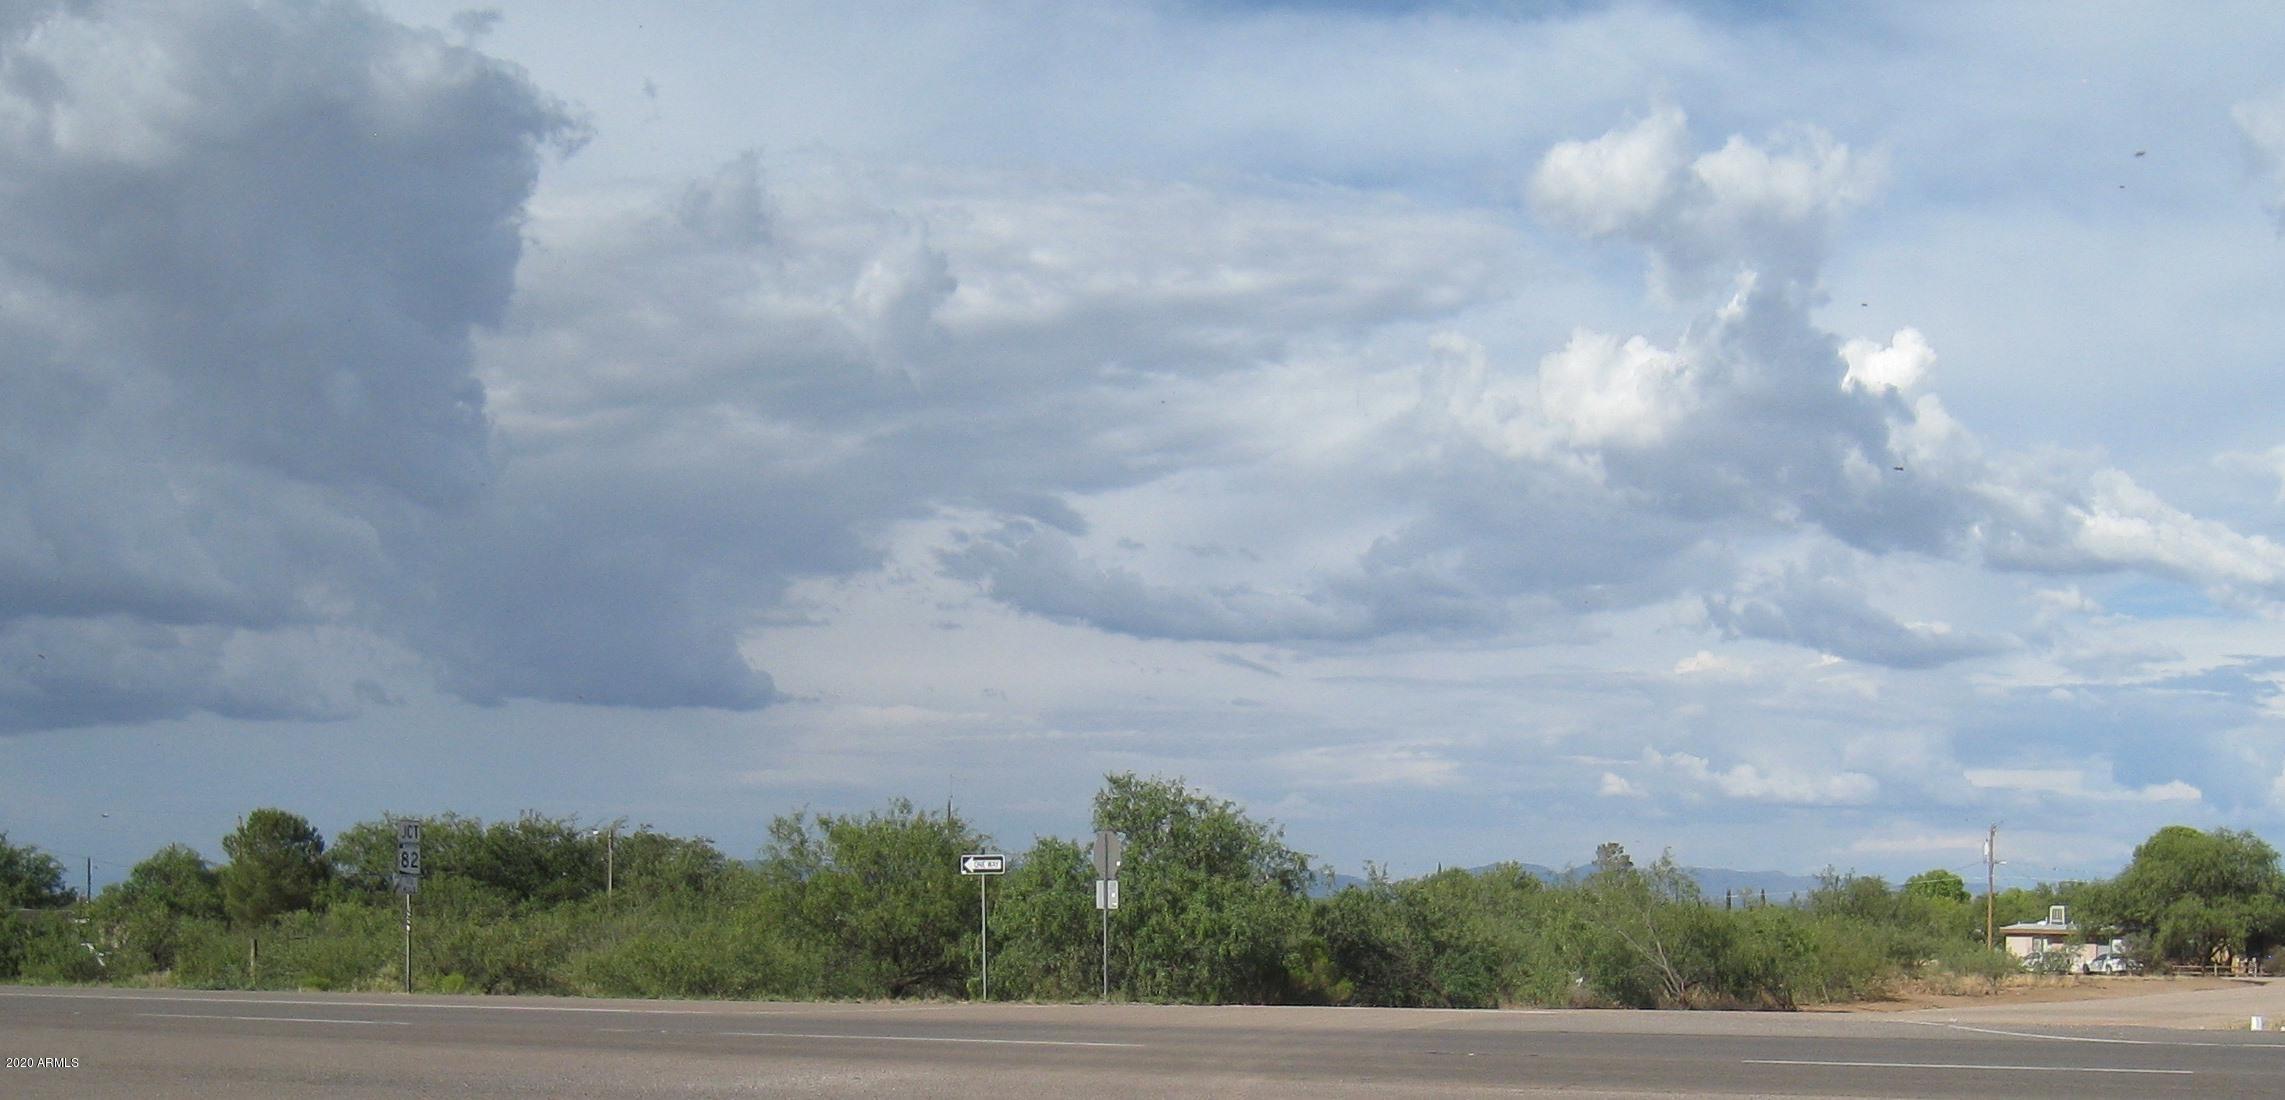 TBD N Highway 90 -- # 2, Huachuca City, Arizona 85616, ,Land,For Sale,TBD N Highway 90 -- # 2,6051553